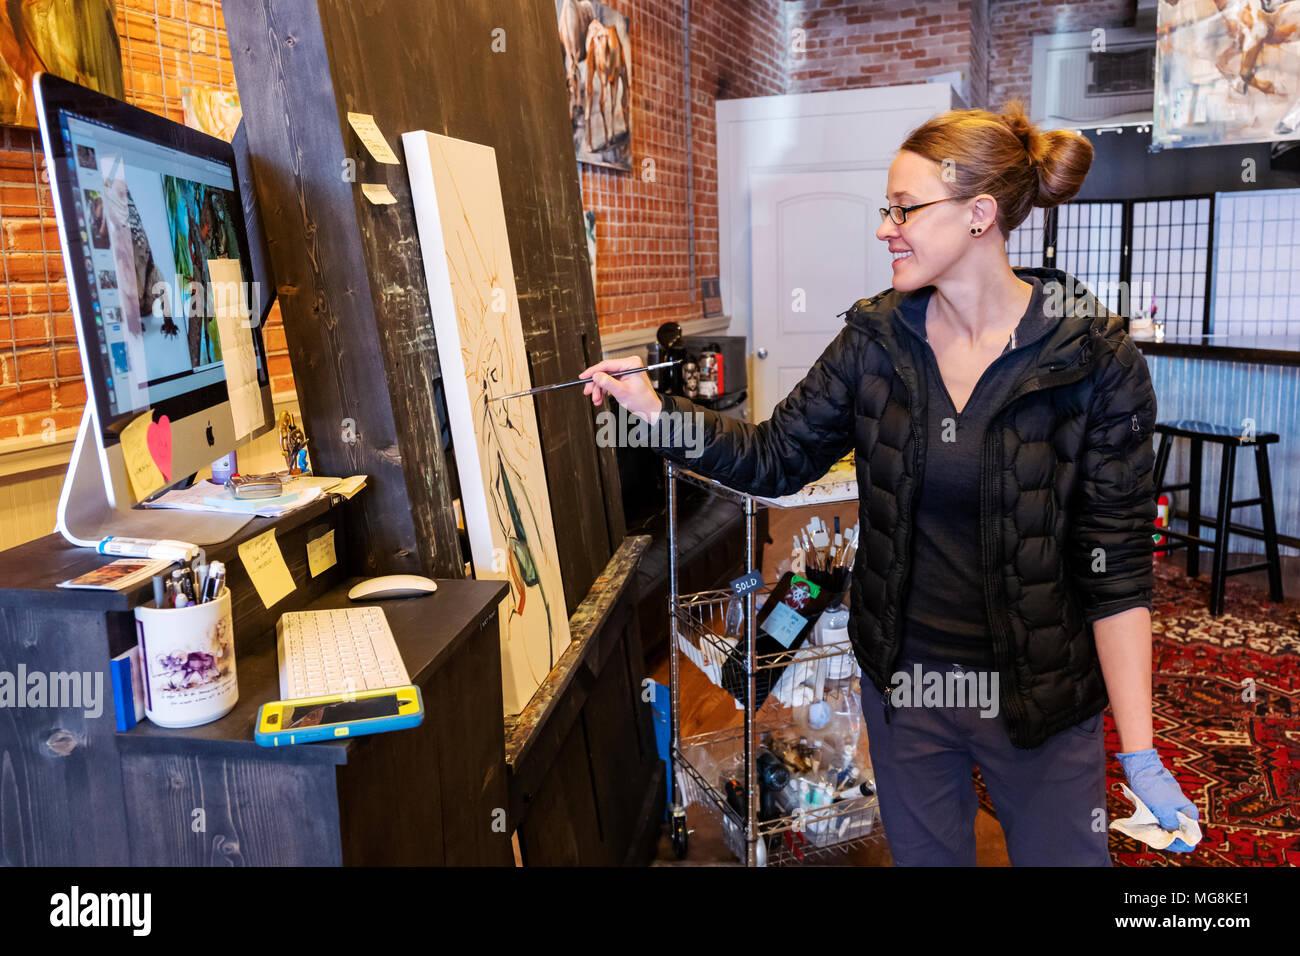 Ammenda artista Katie Maher fa riferimento a un'immagine del computer durante la creazione di un dipinto ad olio nella sua gallery; Salida; Colorado; USA Immagini Stock